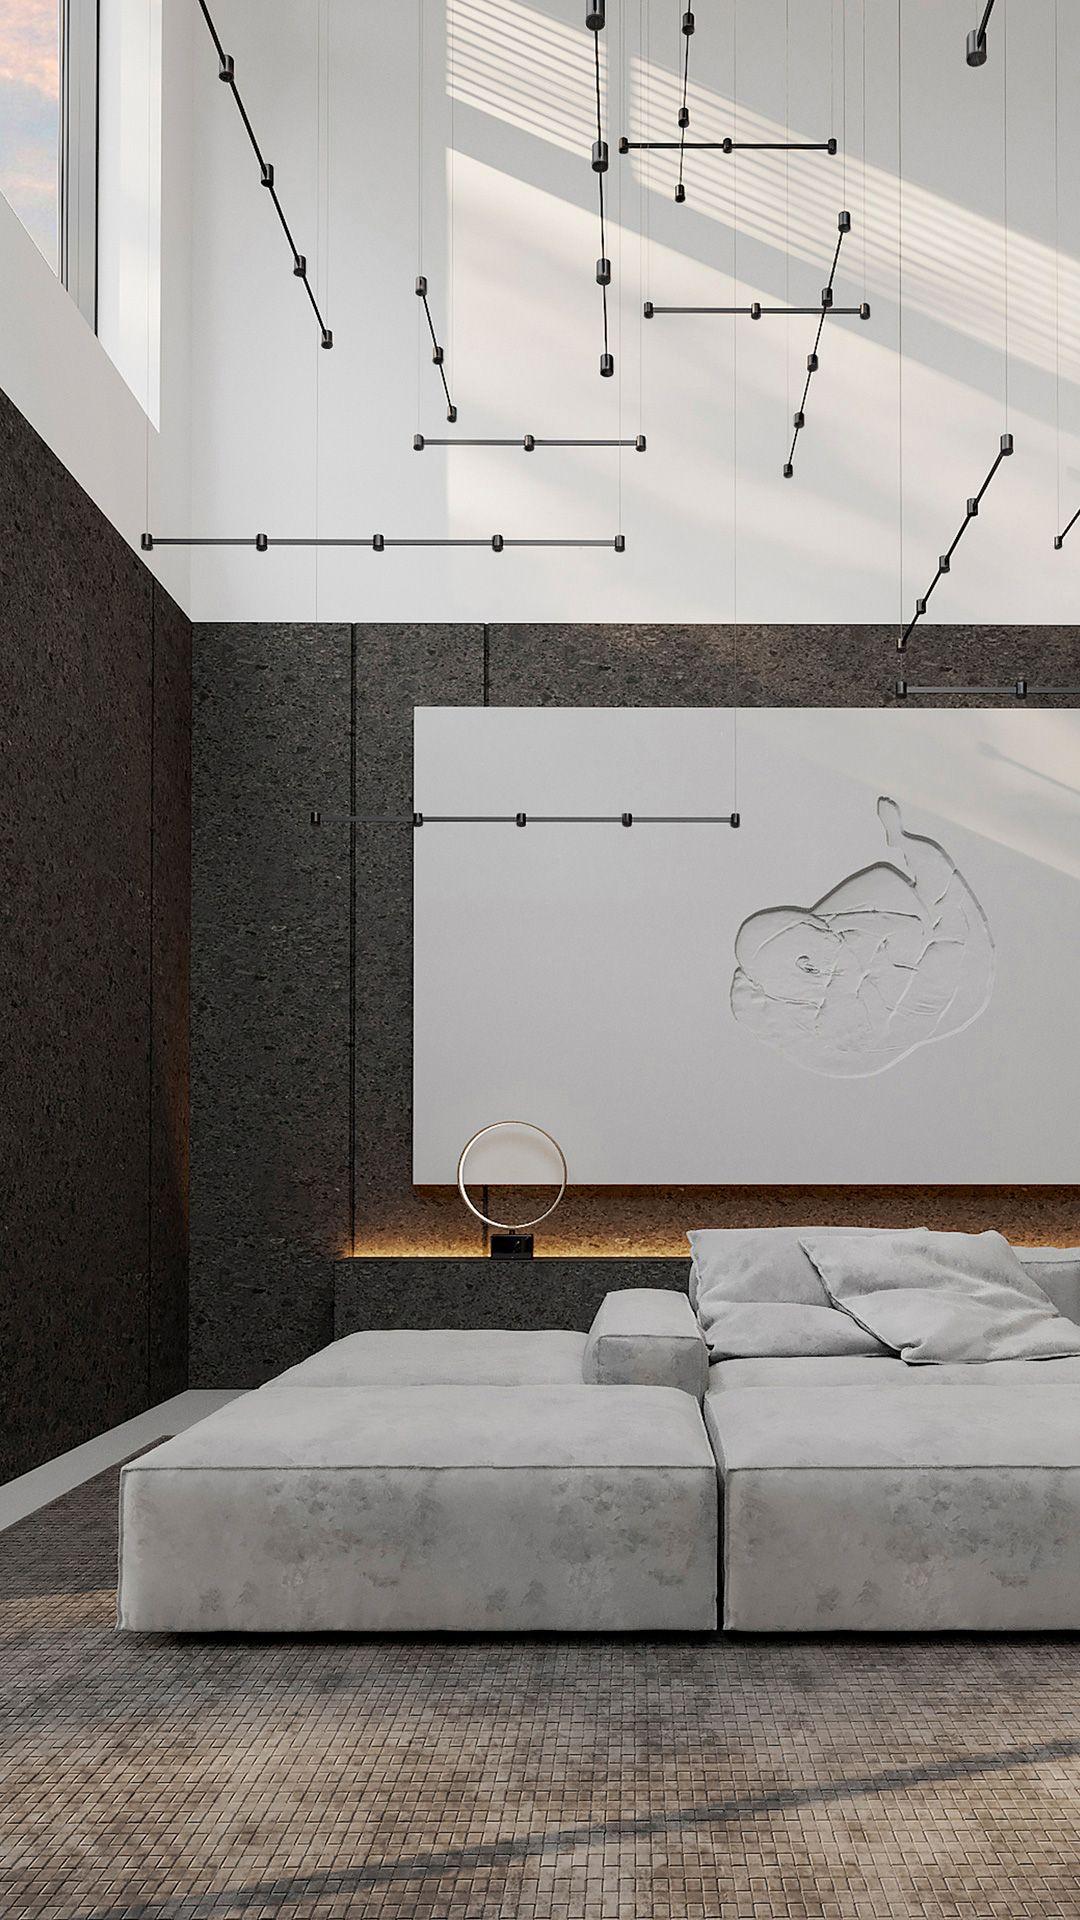 Art modular - Arkoslight